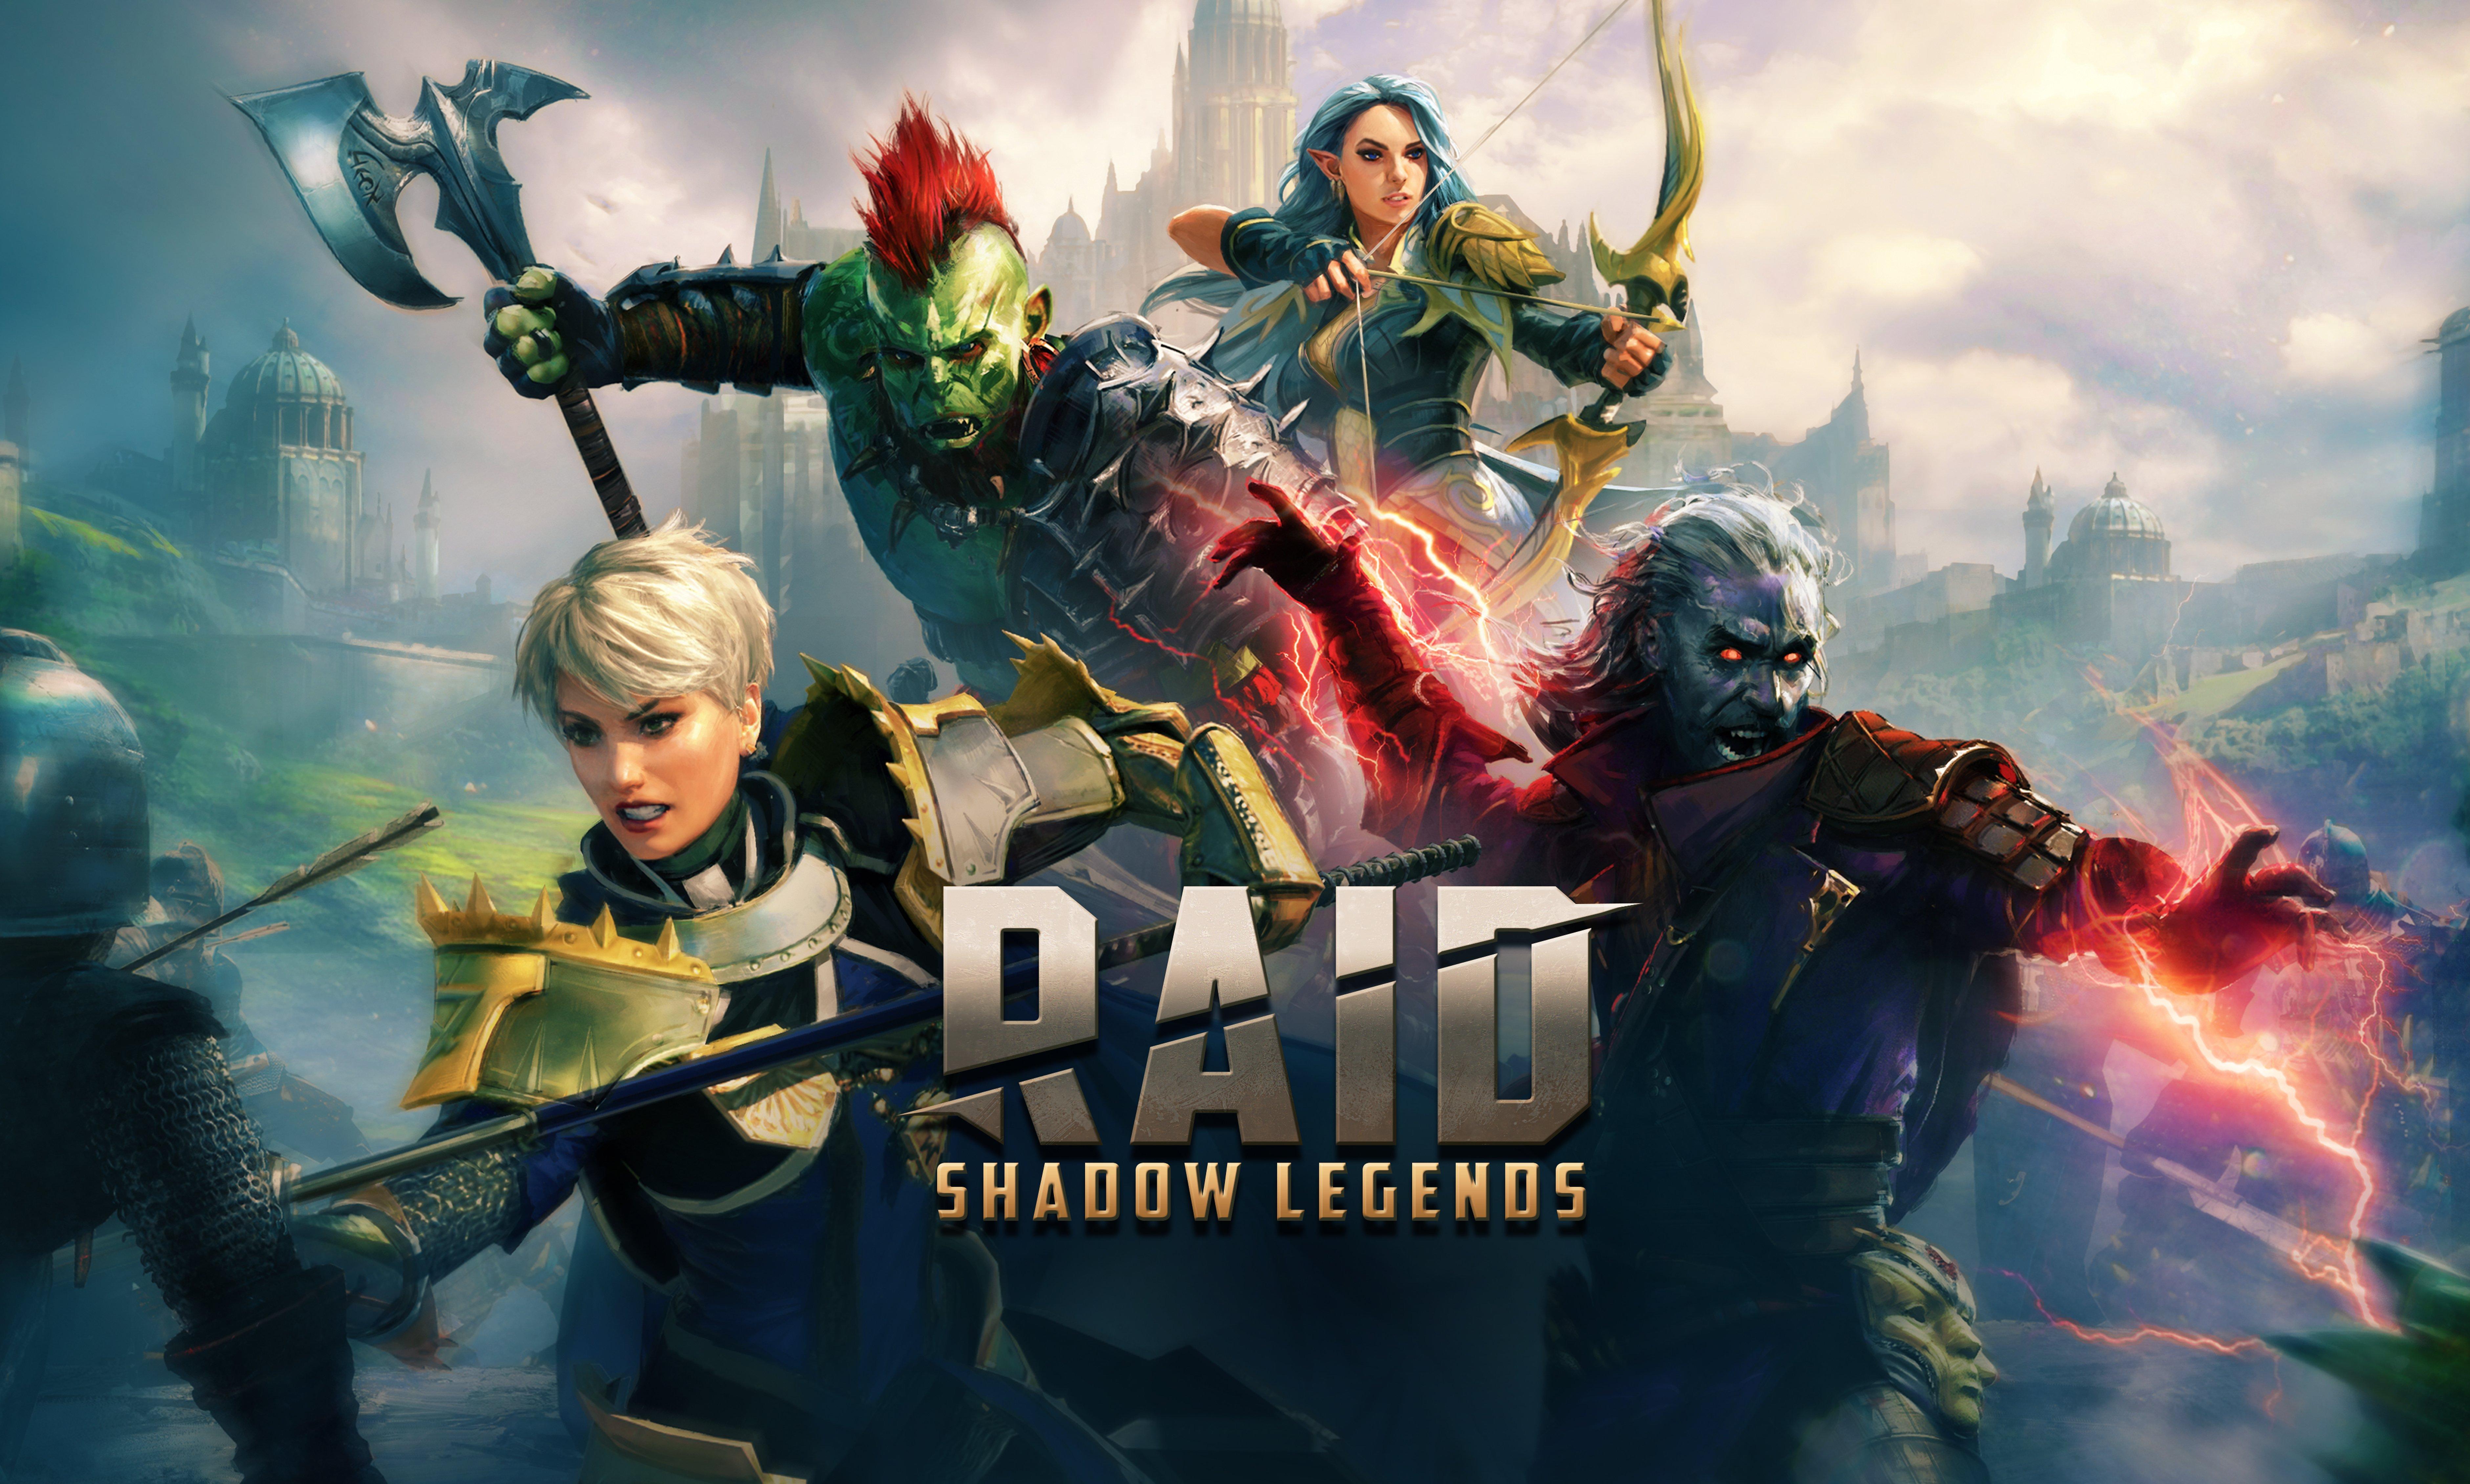 Вот ссылка на скачивание Raid: Shadow Legends. Перейди по ней, установи игру – и мы оба получим крутые подарки! https://link.plrm.zone/app/do9xd